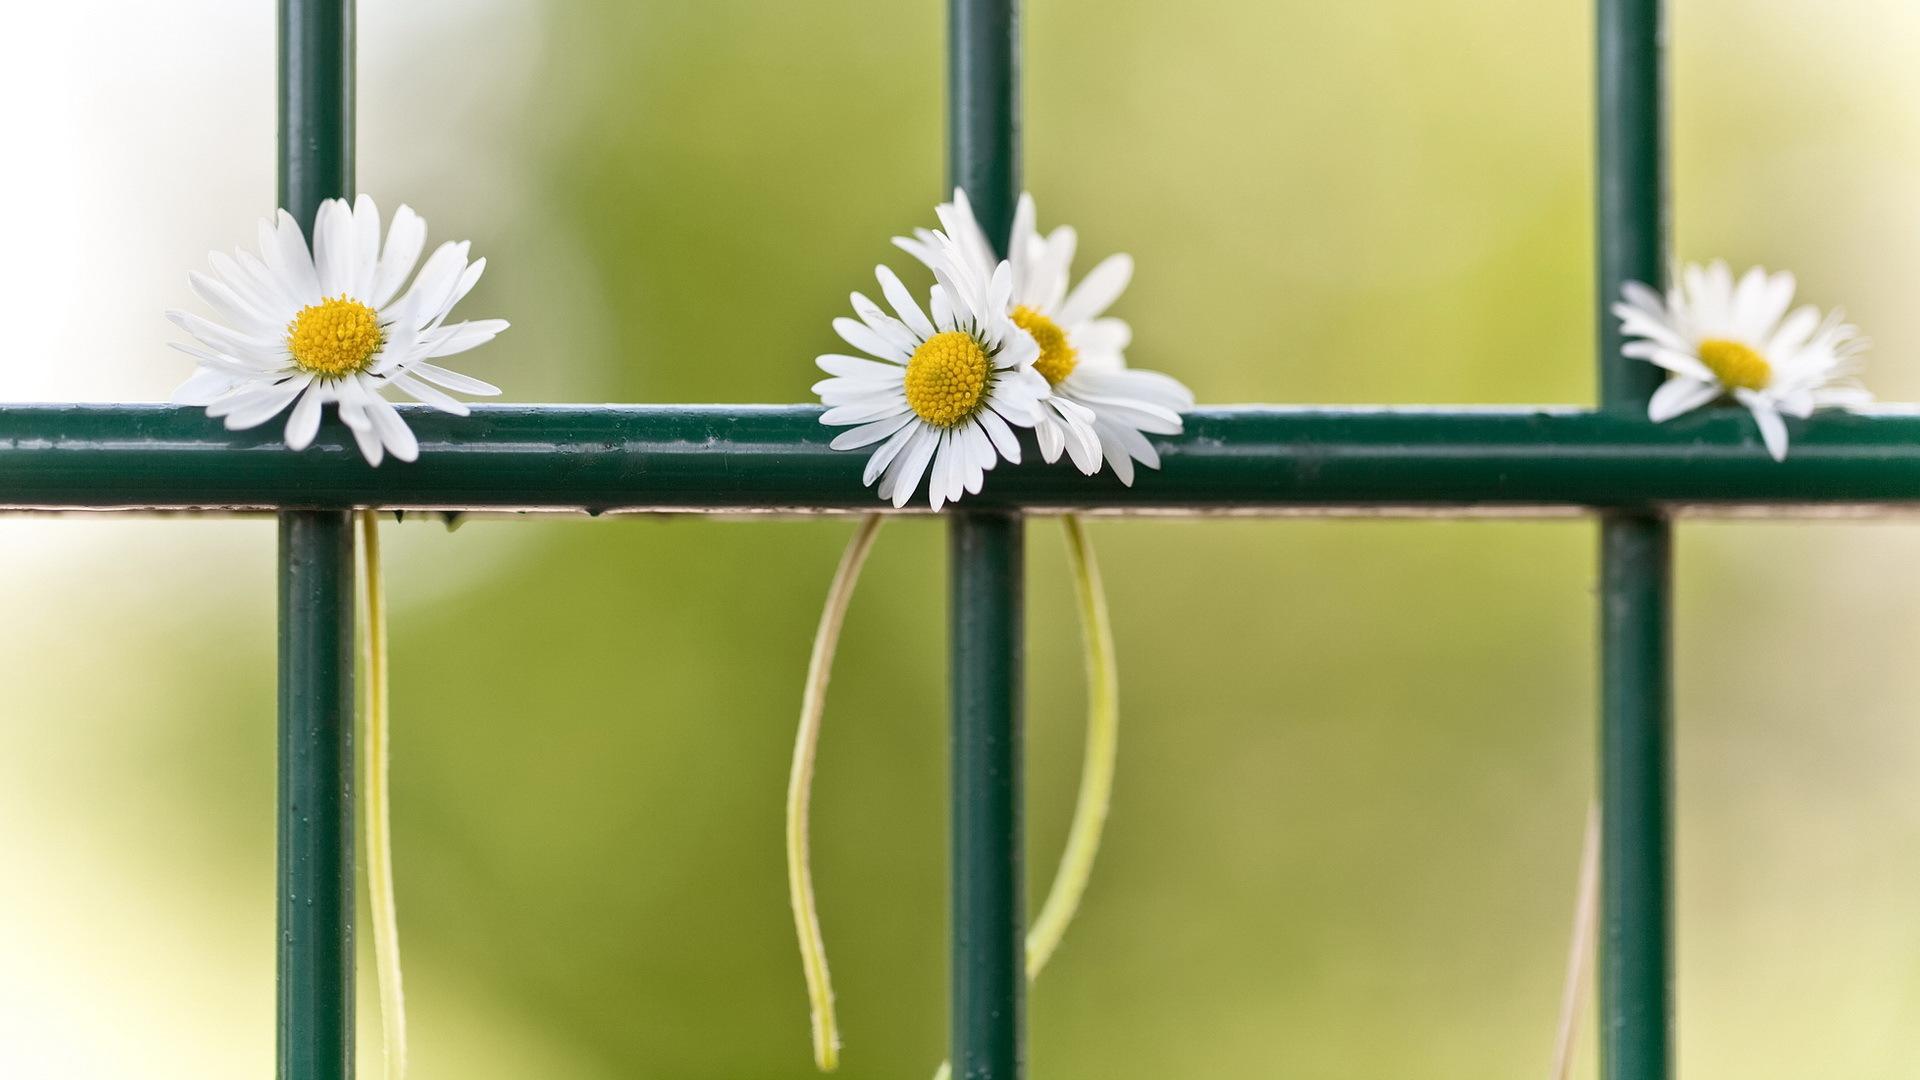 Забор цветы в хорошем качестве